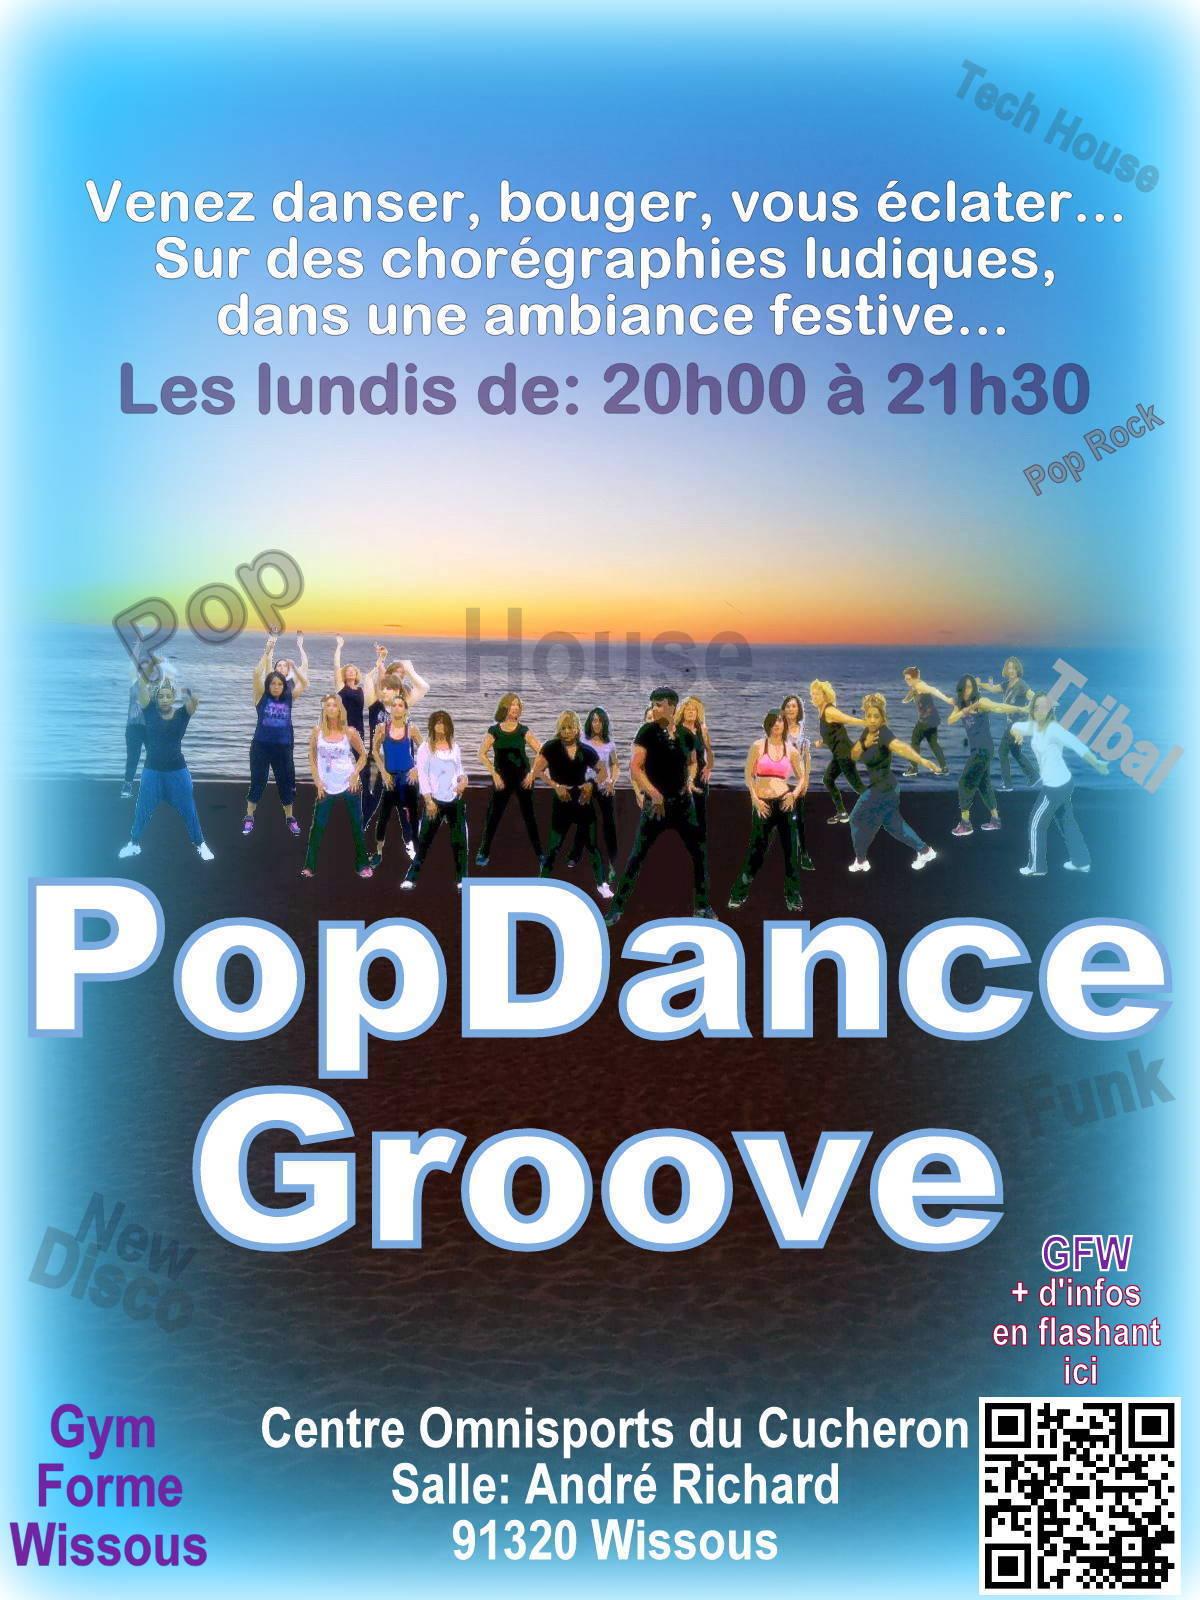 POP DANCE GROOVE WISS 2020 - Copie3